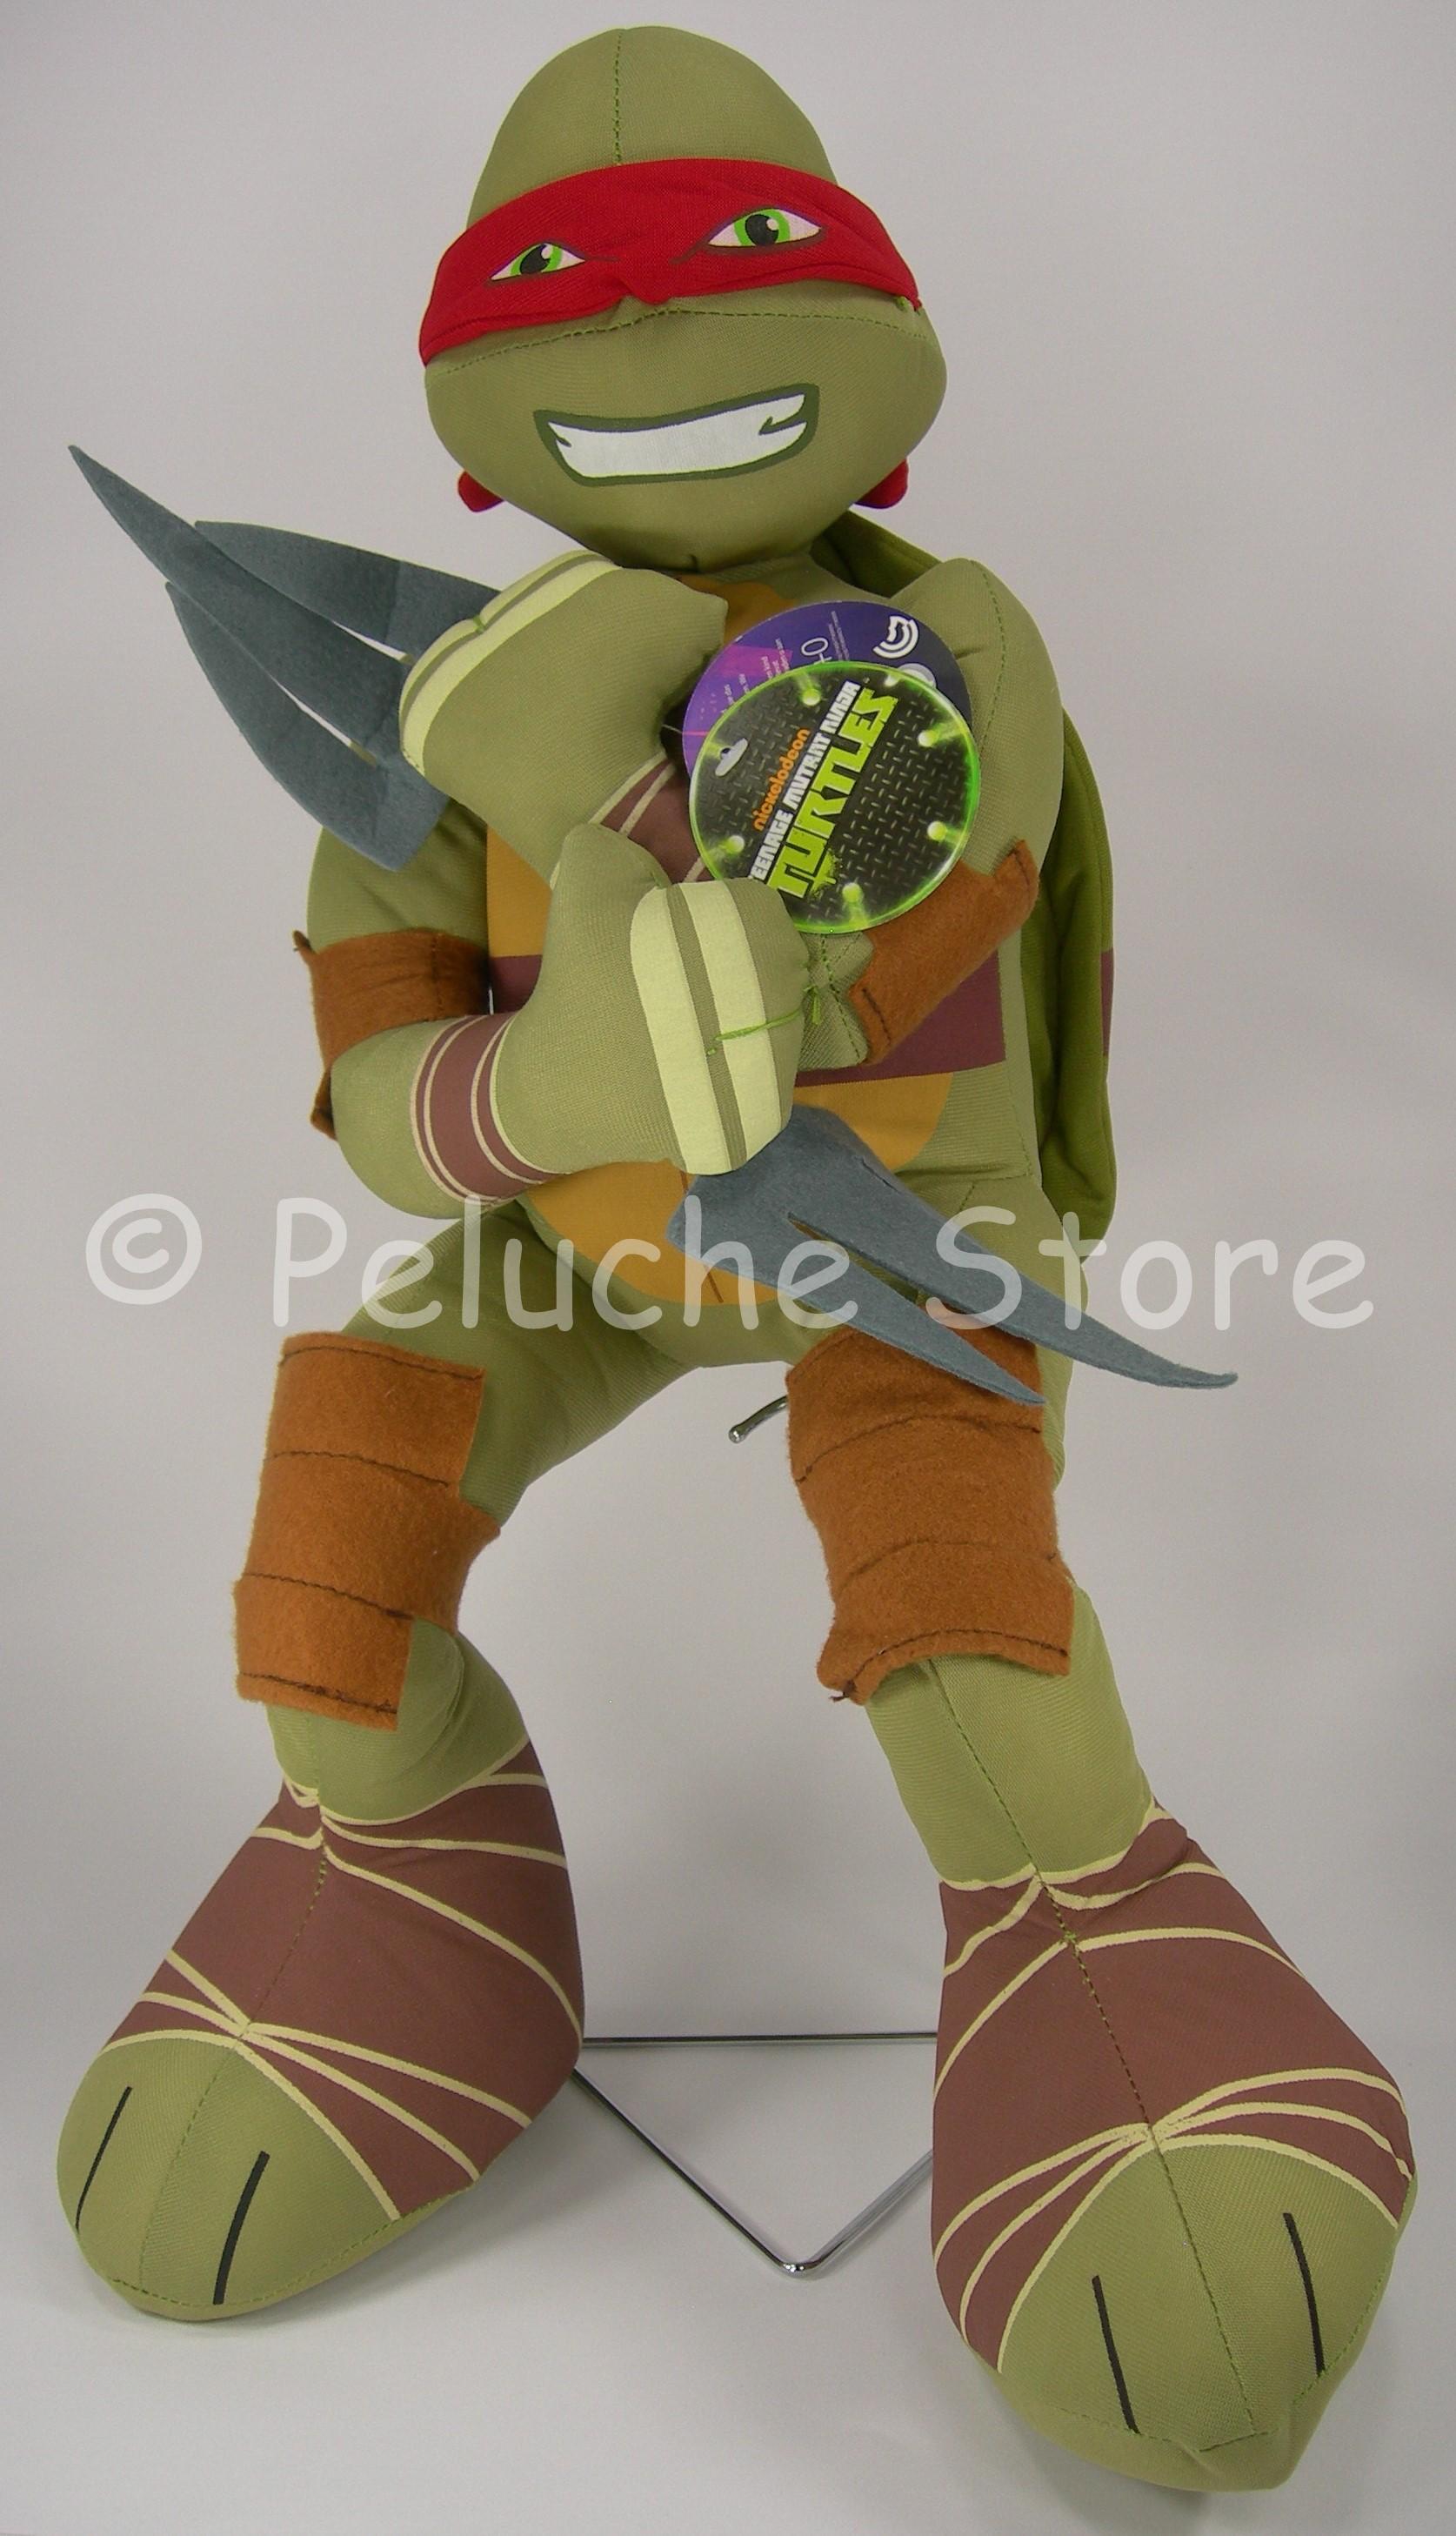 Tartarughe Ninja Turtles peluche Grande 50 cm Raffaello Donatello Originale